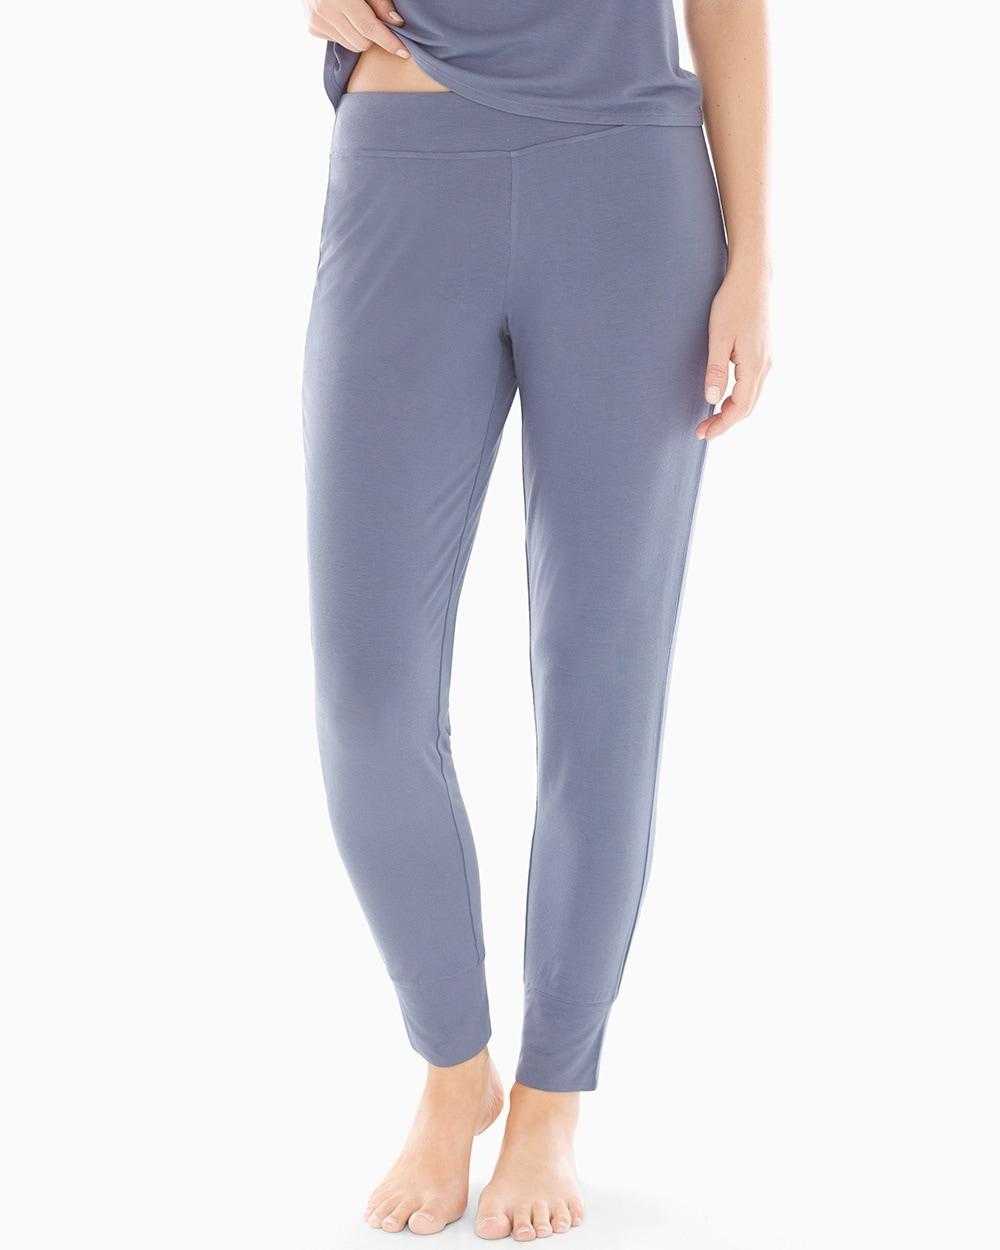 Womens Pajama Bottoms Tall And Short Inseams Soma Soma